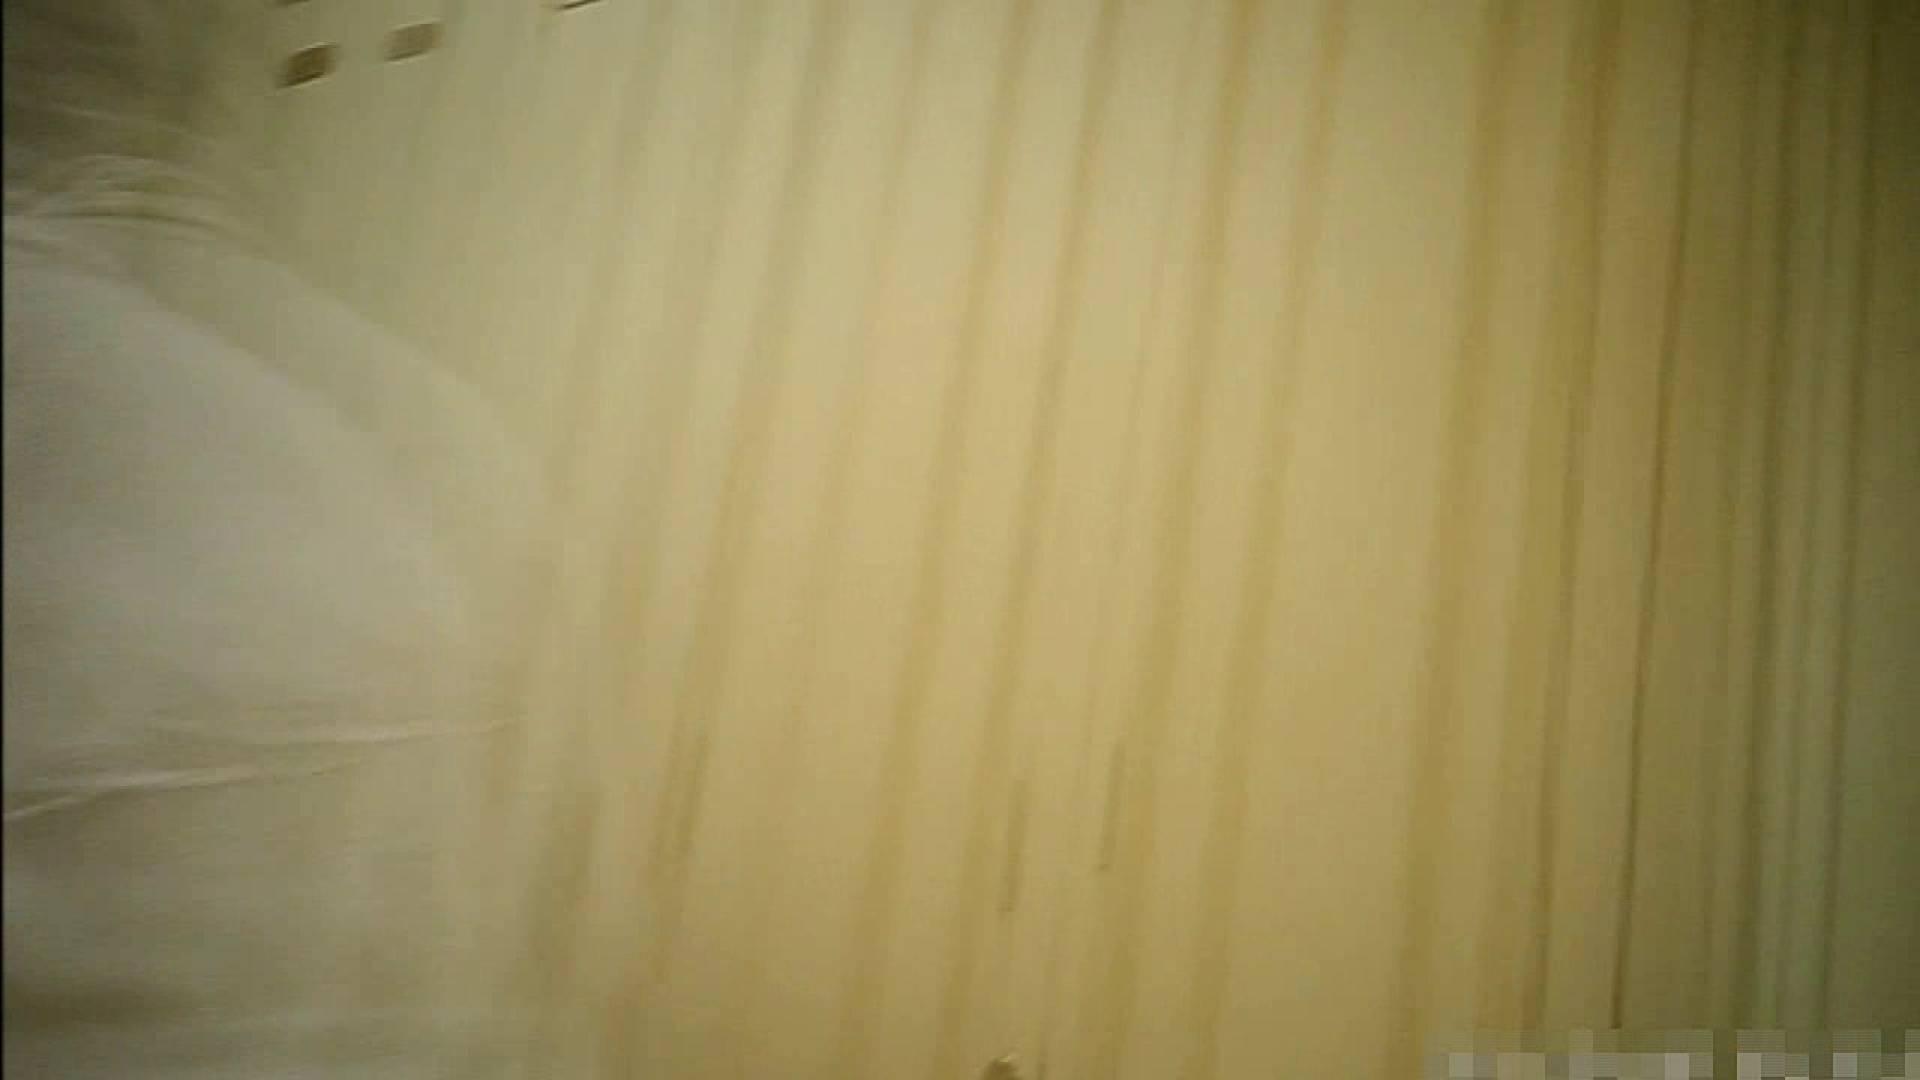 vol.7 【Mちゃん(入浴)】ブランド品査定士19歳 巨乳ギャル イタズラ 濡れ場動画紹介 99枚 14